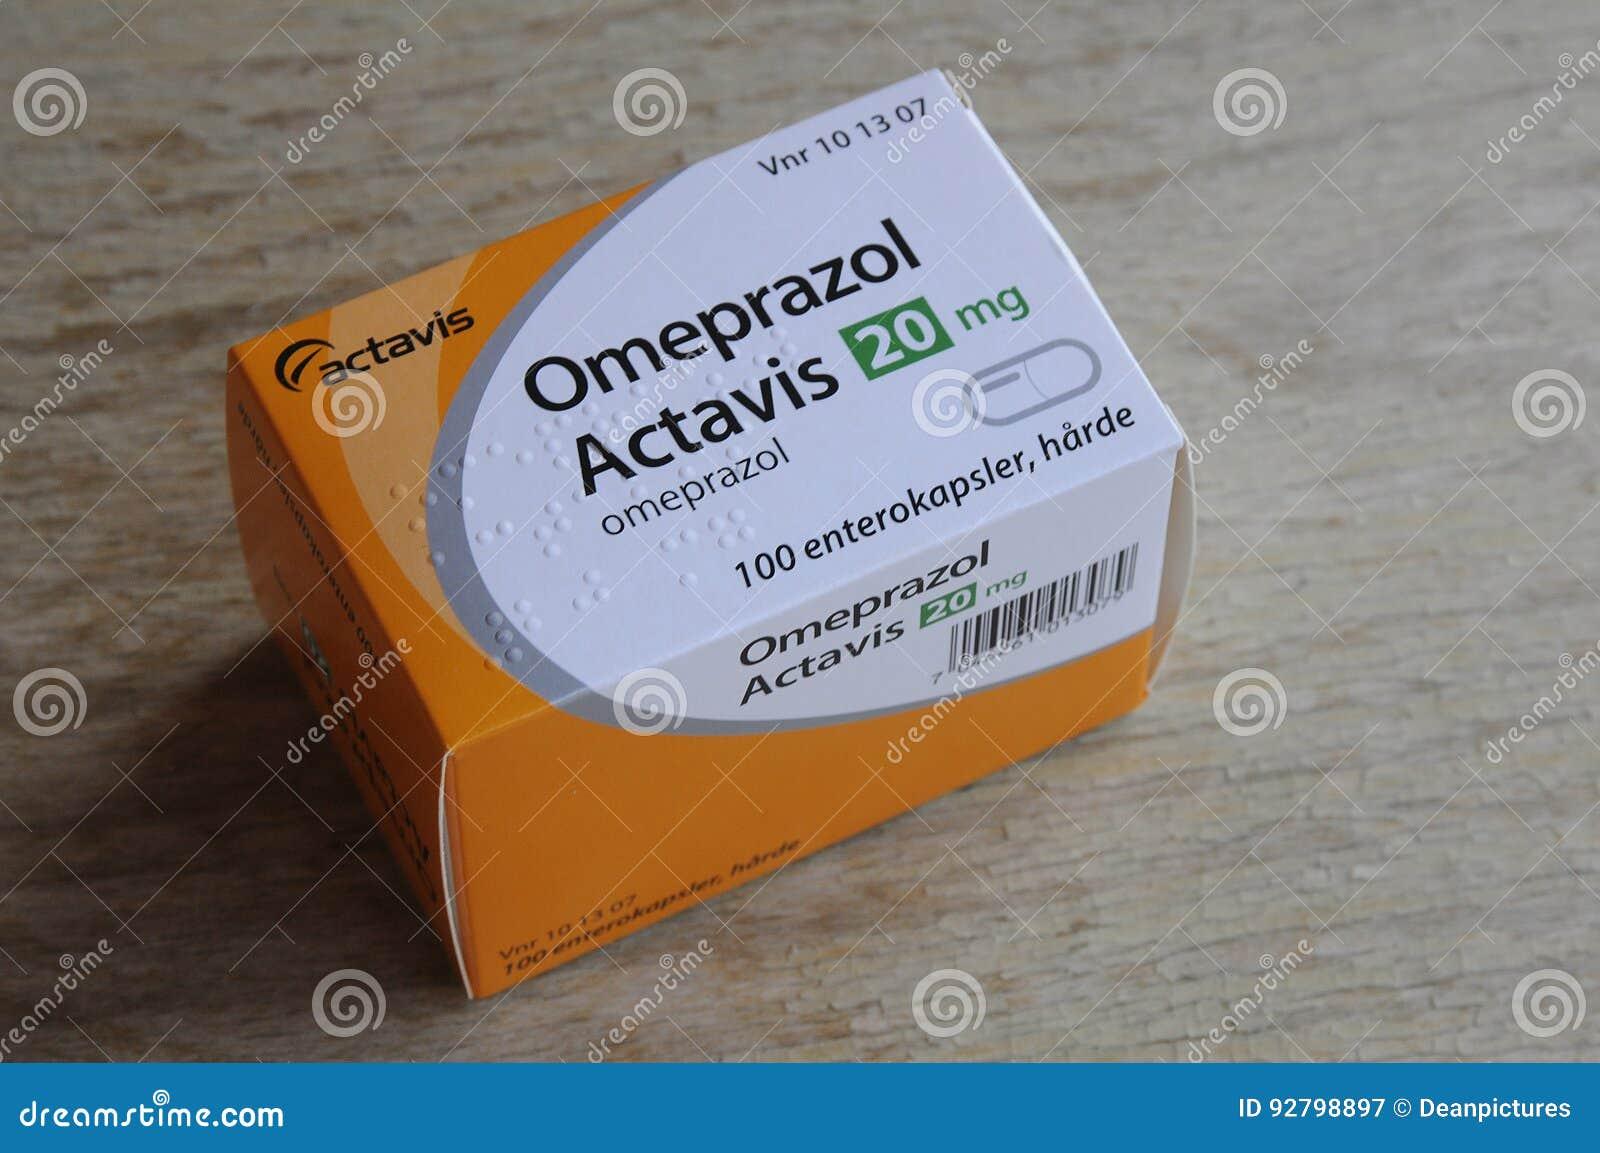 omeprazol actavis apoteket